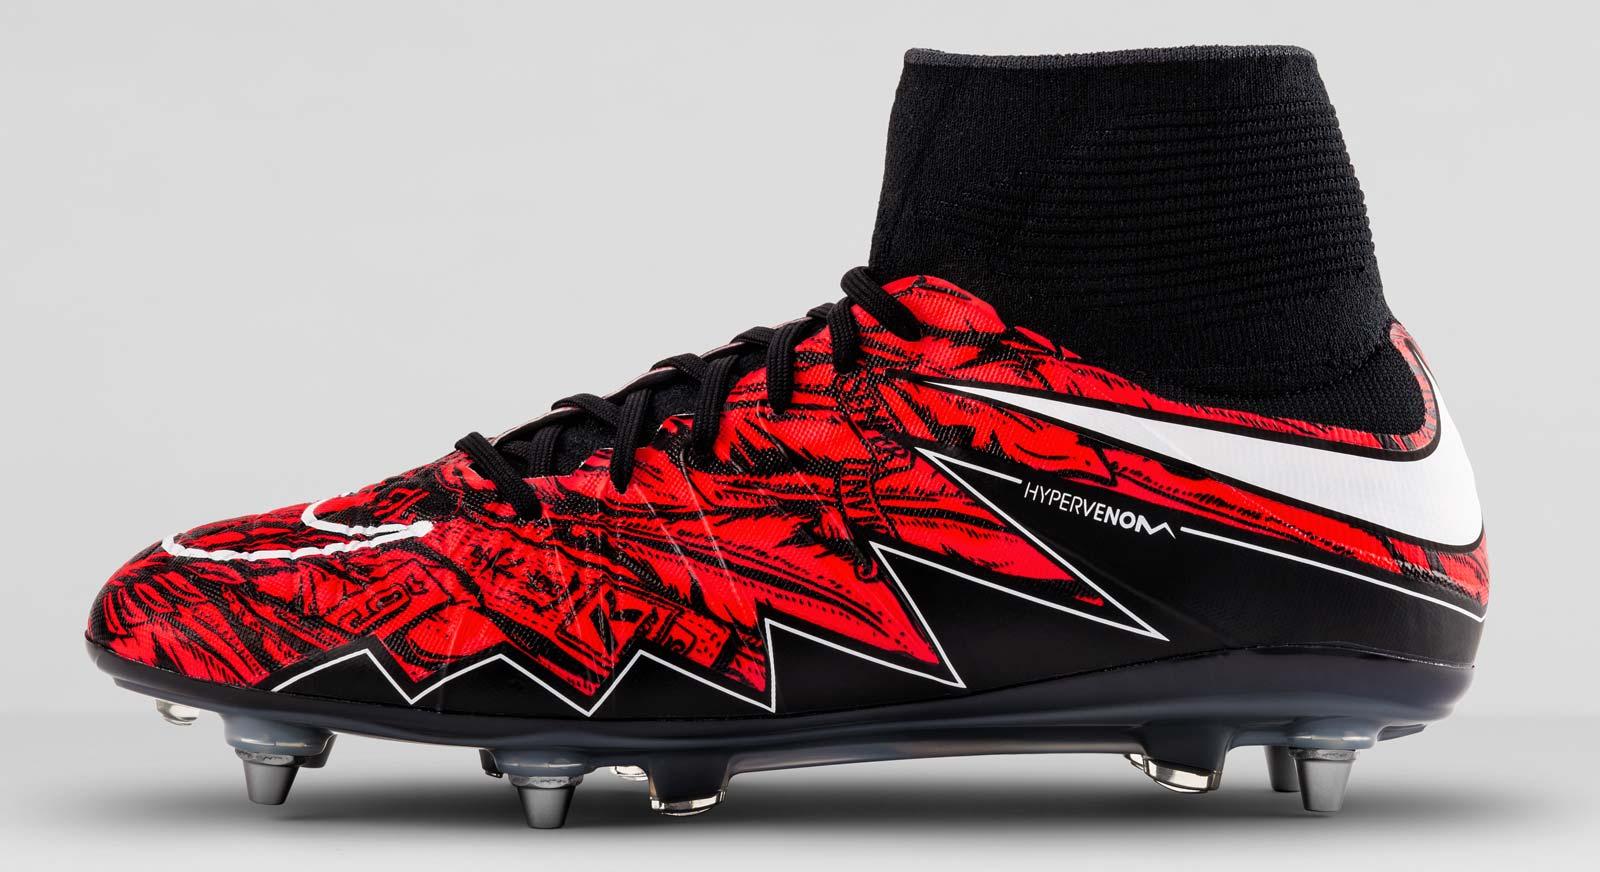 Venom Nike Shoes